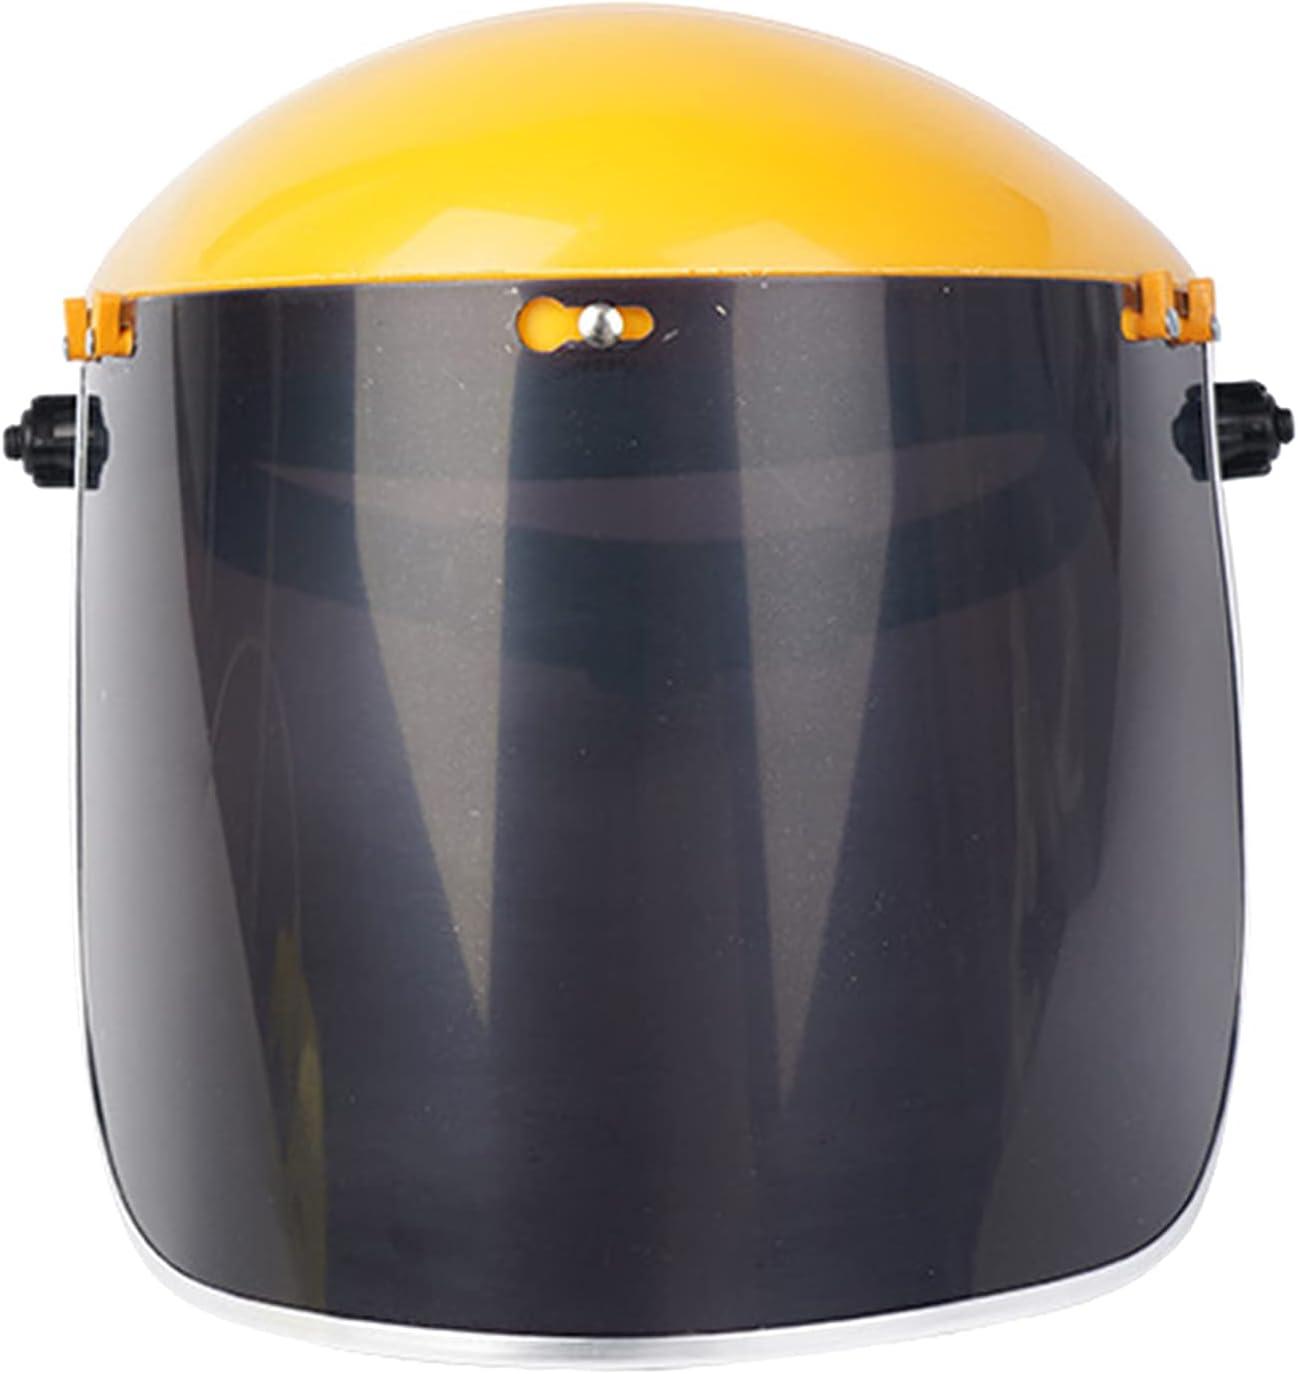 Baoblaze Capucha de casco de soldadura eléctrica de oscurecimiento automático de PVC, protección ocular para soldadura ARC/MIG/TIG de pulido - Amarillo